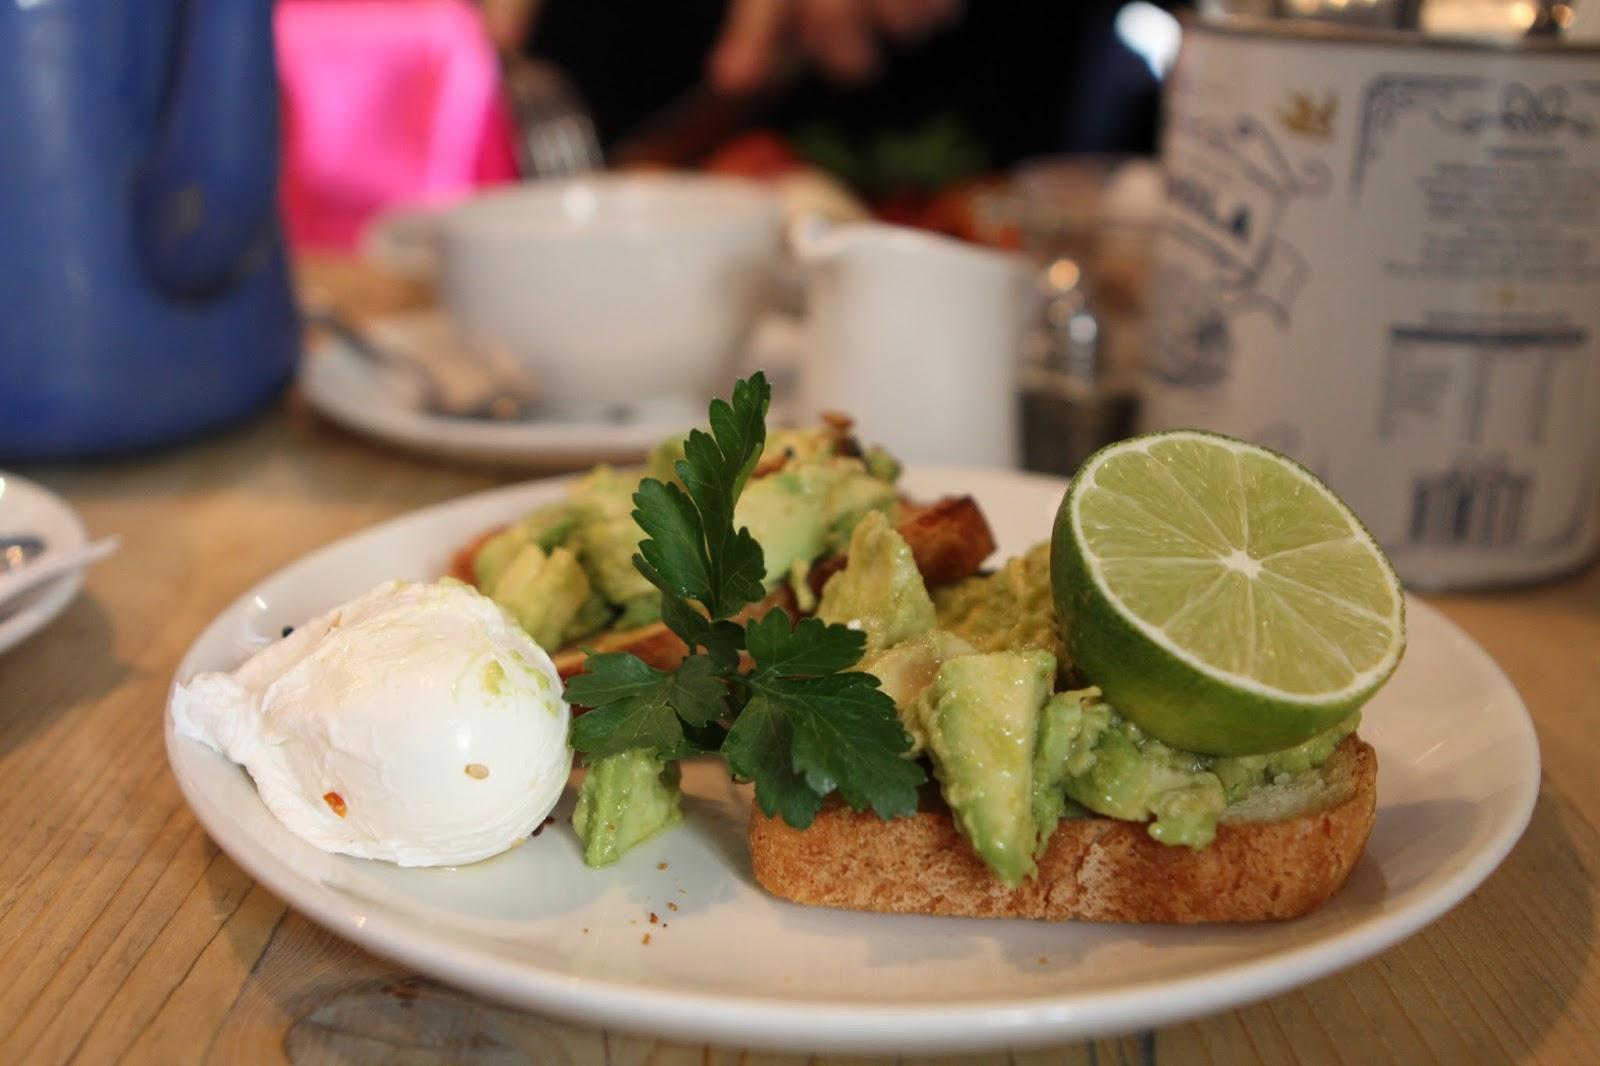 Bills Avocado on toast gluten free